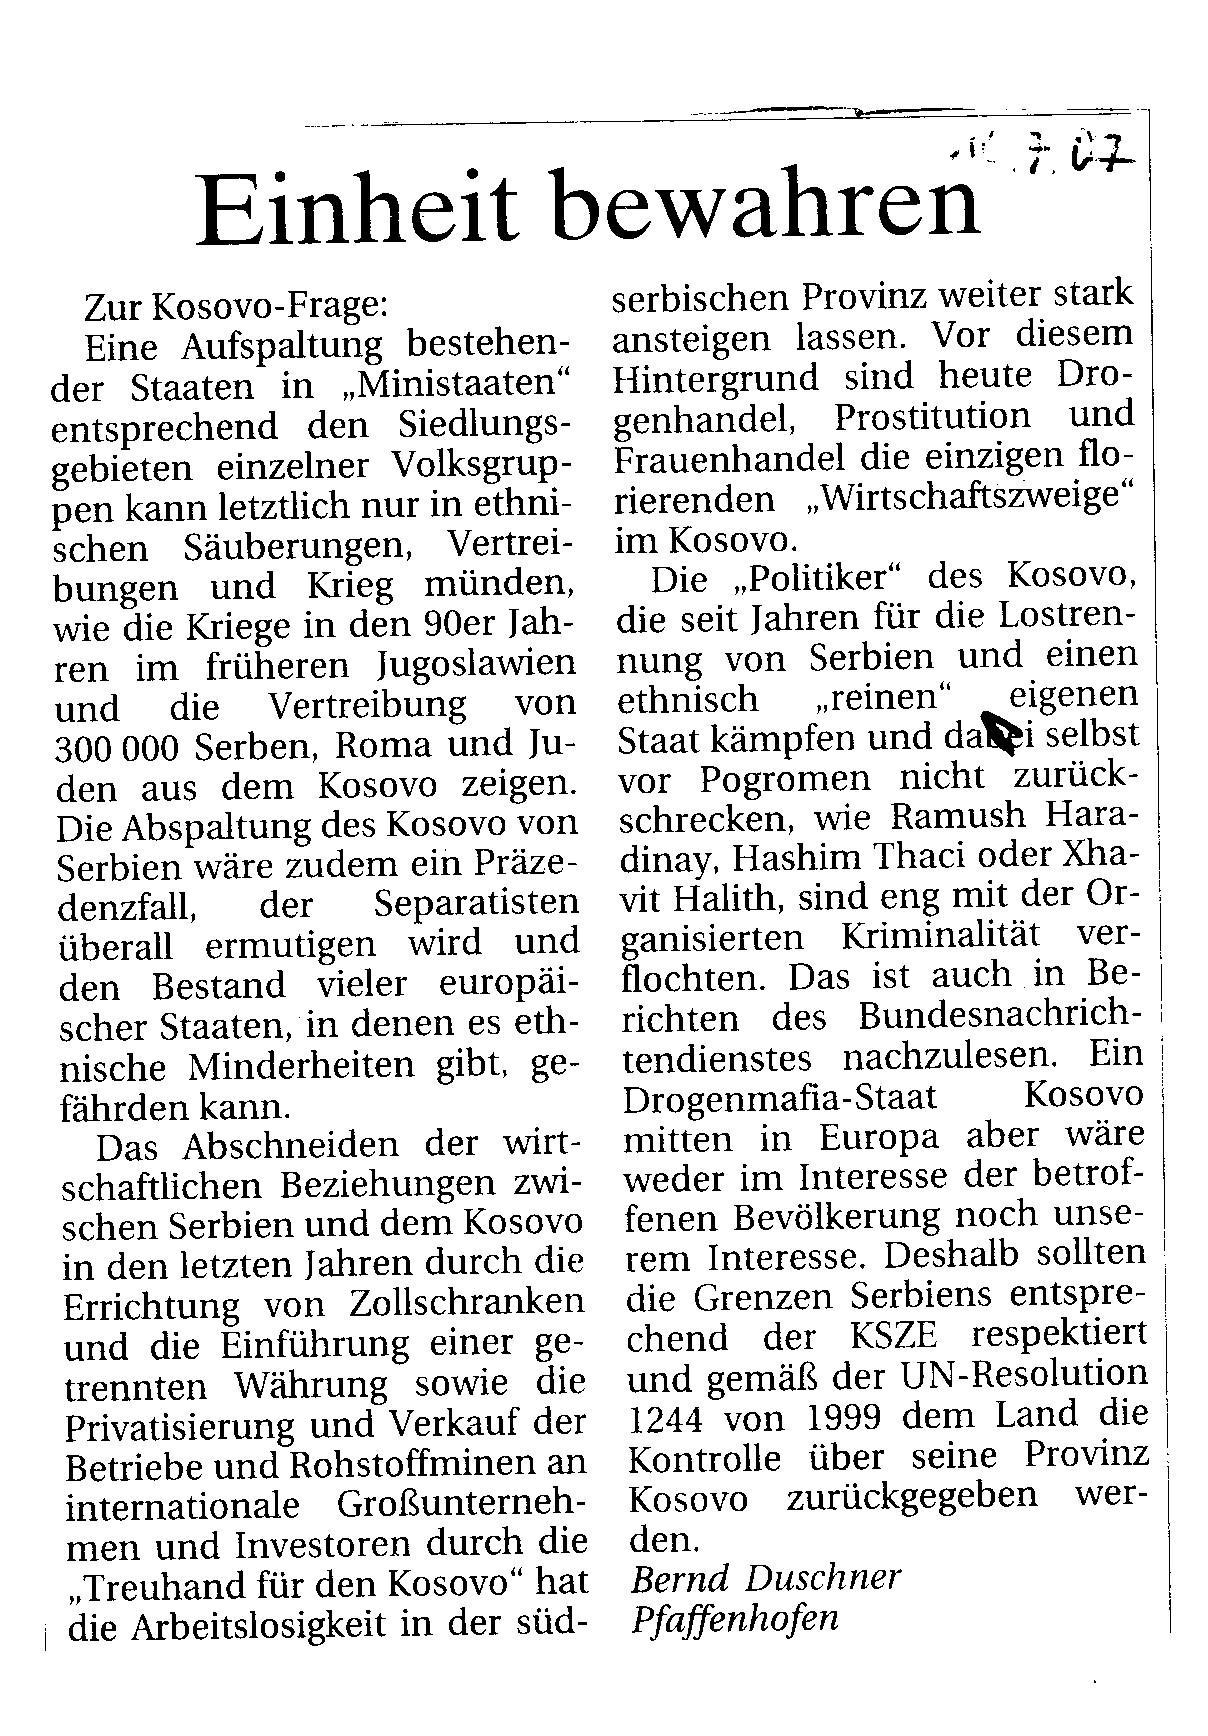 Bernd Duschner, Leserbrief Donaukurier vom 16.07.2007